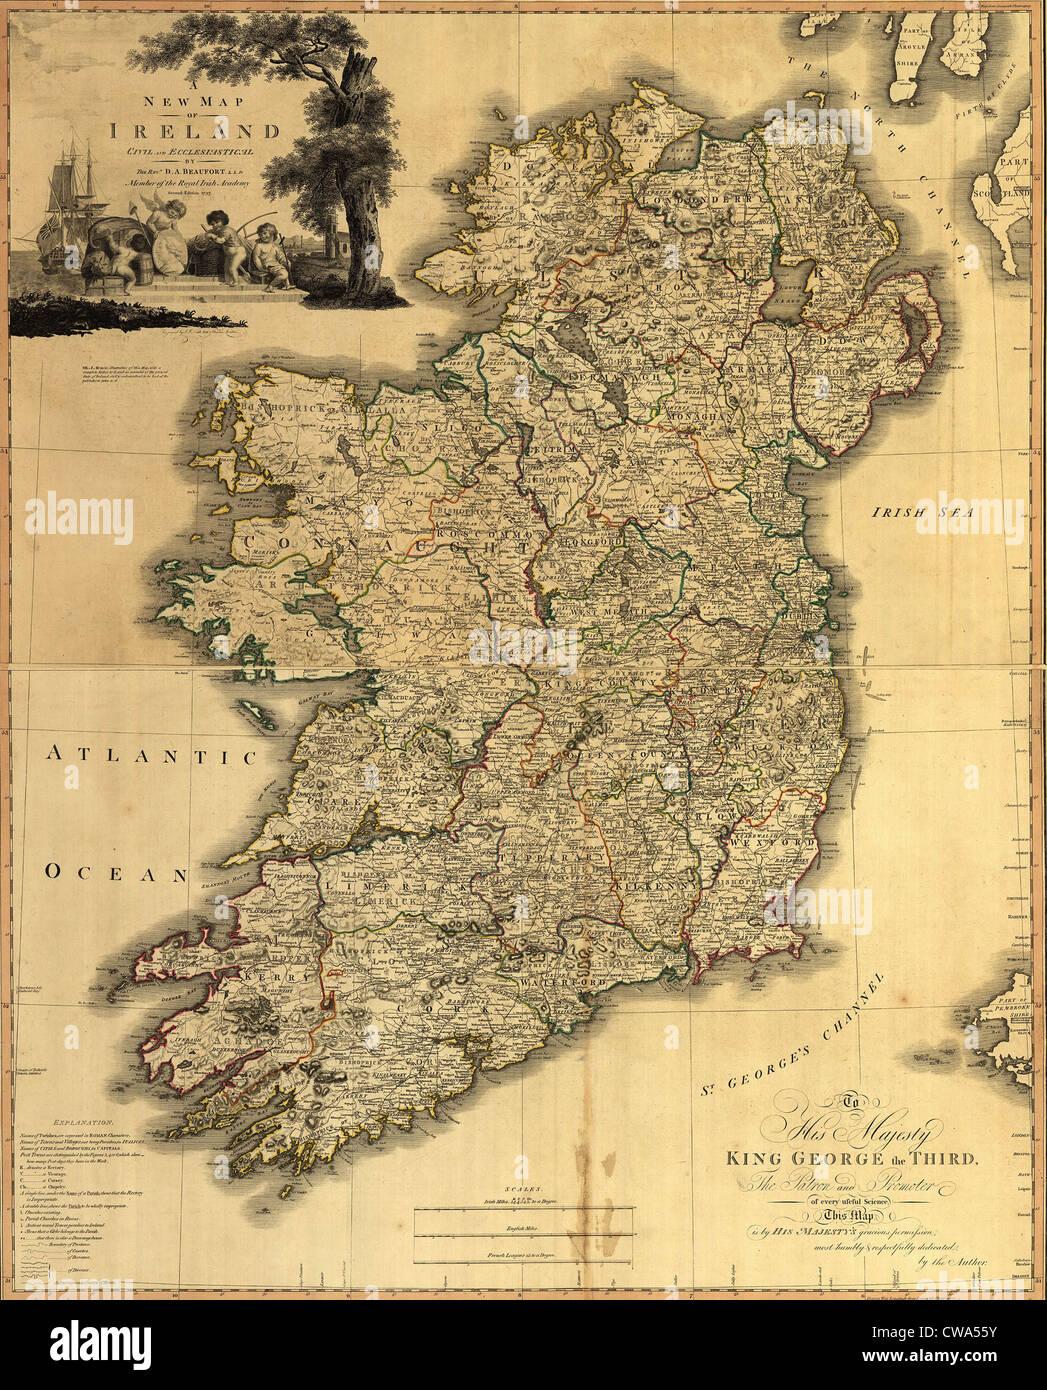 Mappa di Irlanda dal XVIII secolo, che mostra le contee, quando tutti Irlanda era sotto la dominazione britannica. Immagini Stock